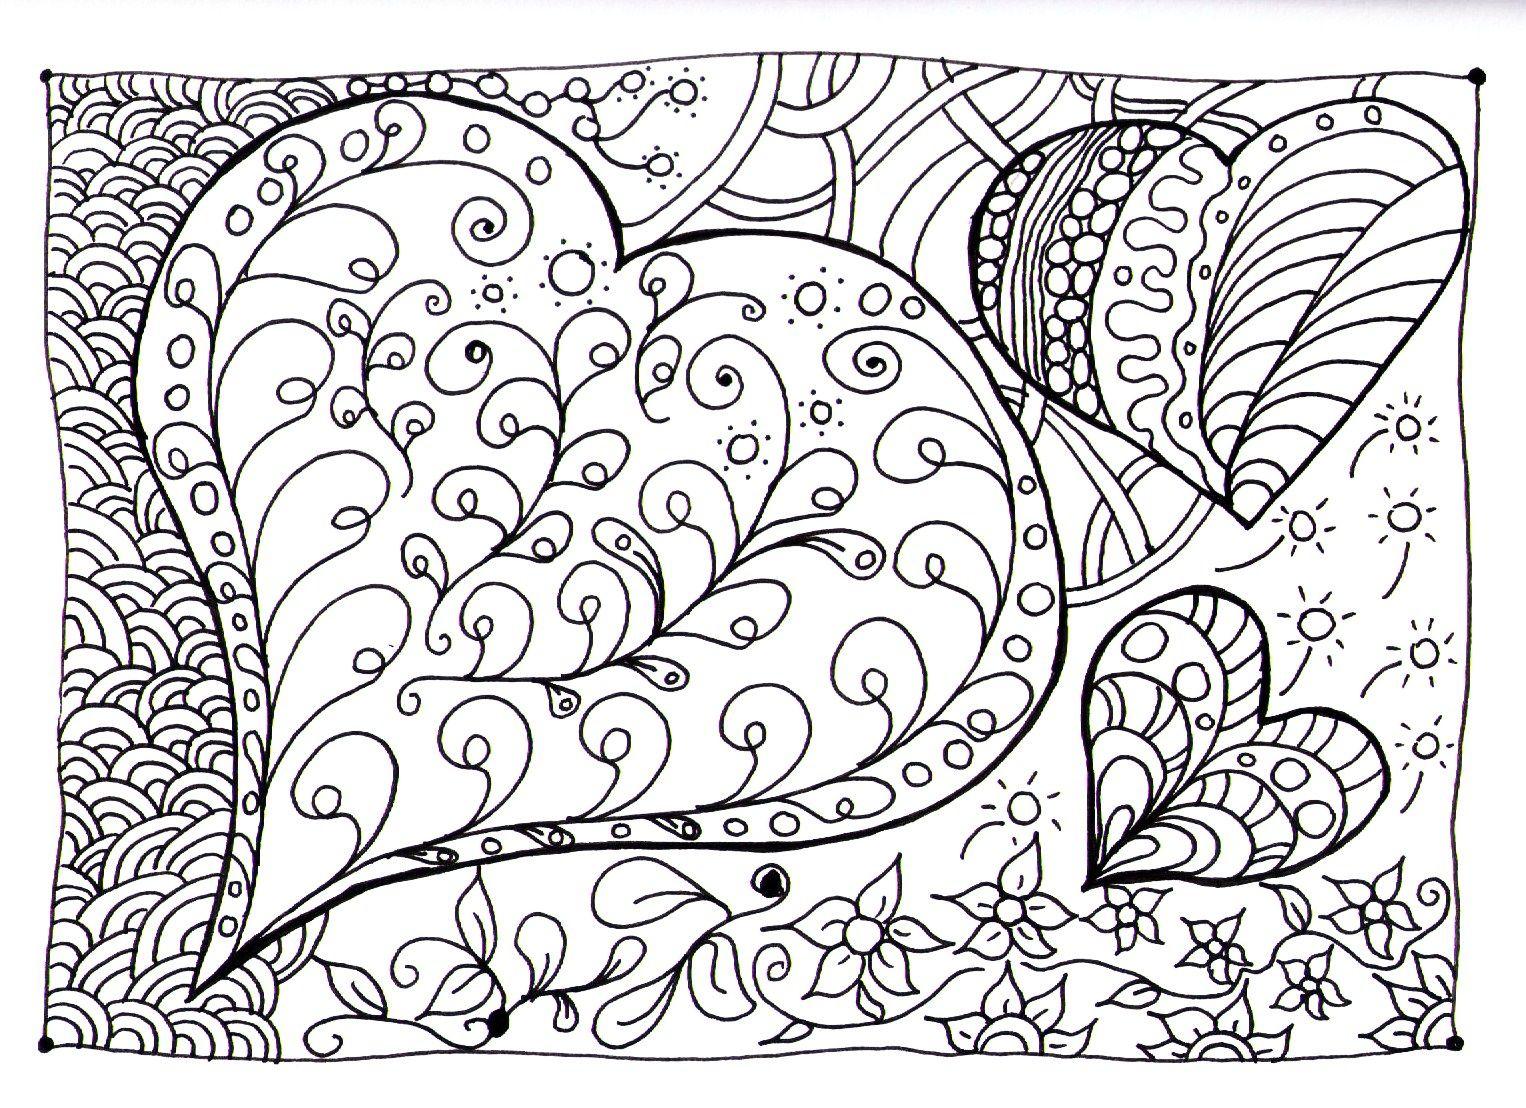 Moment Zen De Detente Et De Relaxation Garanti Avec Ces Coloriages Zen Anti Stress Complexes Pour Adultes S Coloriage Coeur Coloriage Coloriage Difficile